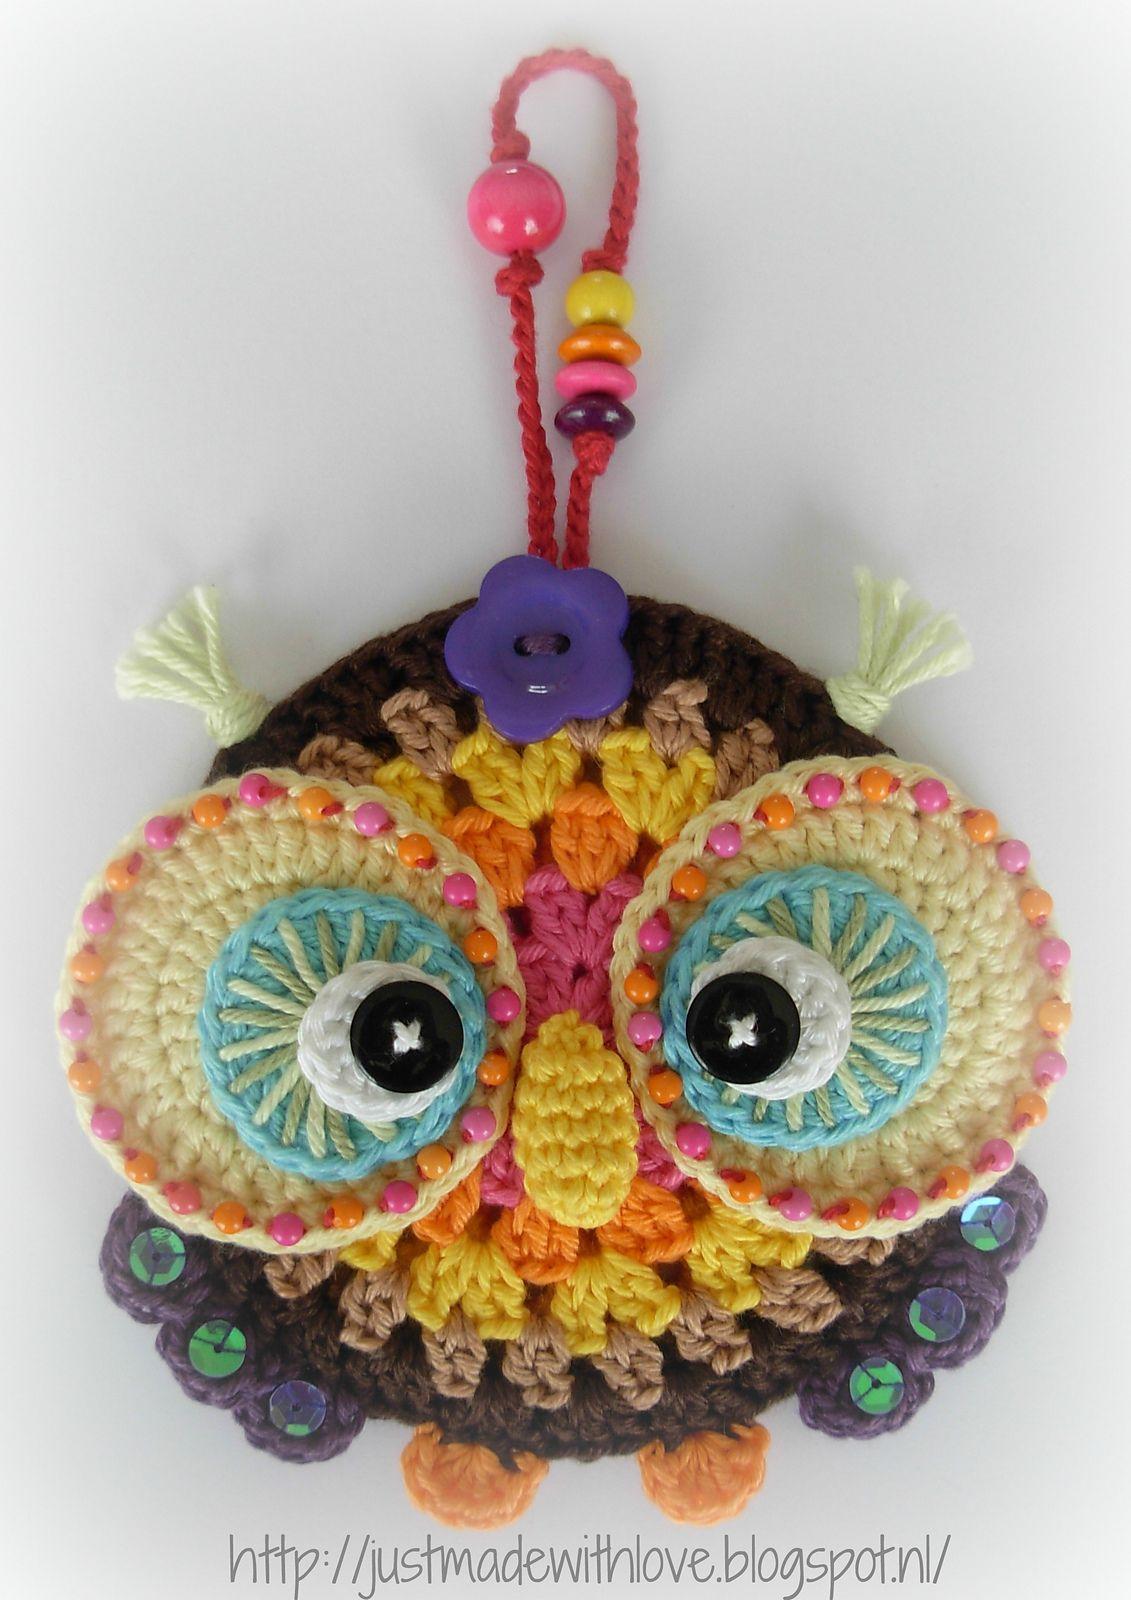 Ravelry: Antoinette06\'s Autumn Owl Ornament | Crochet | Pinterest ...